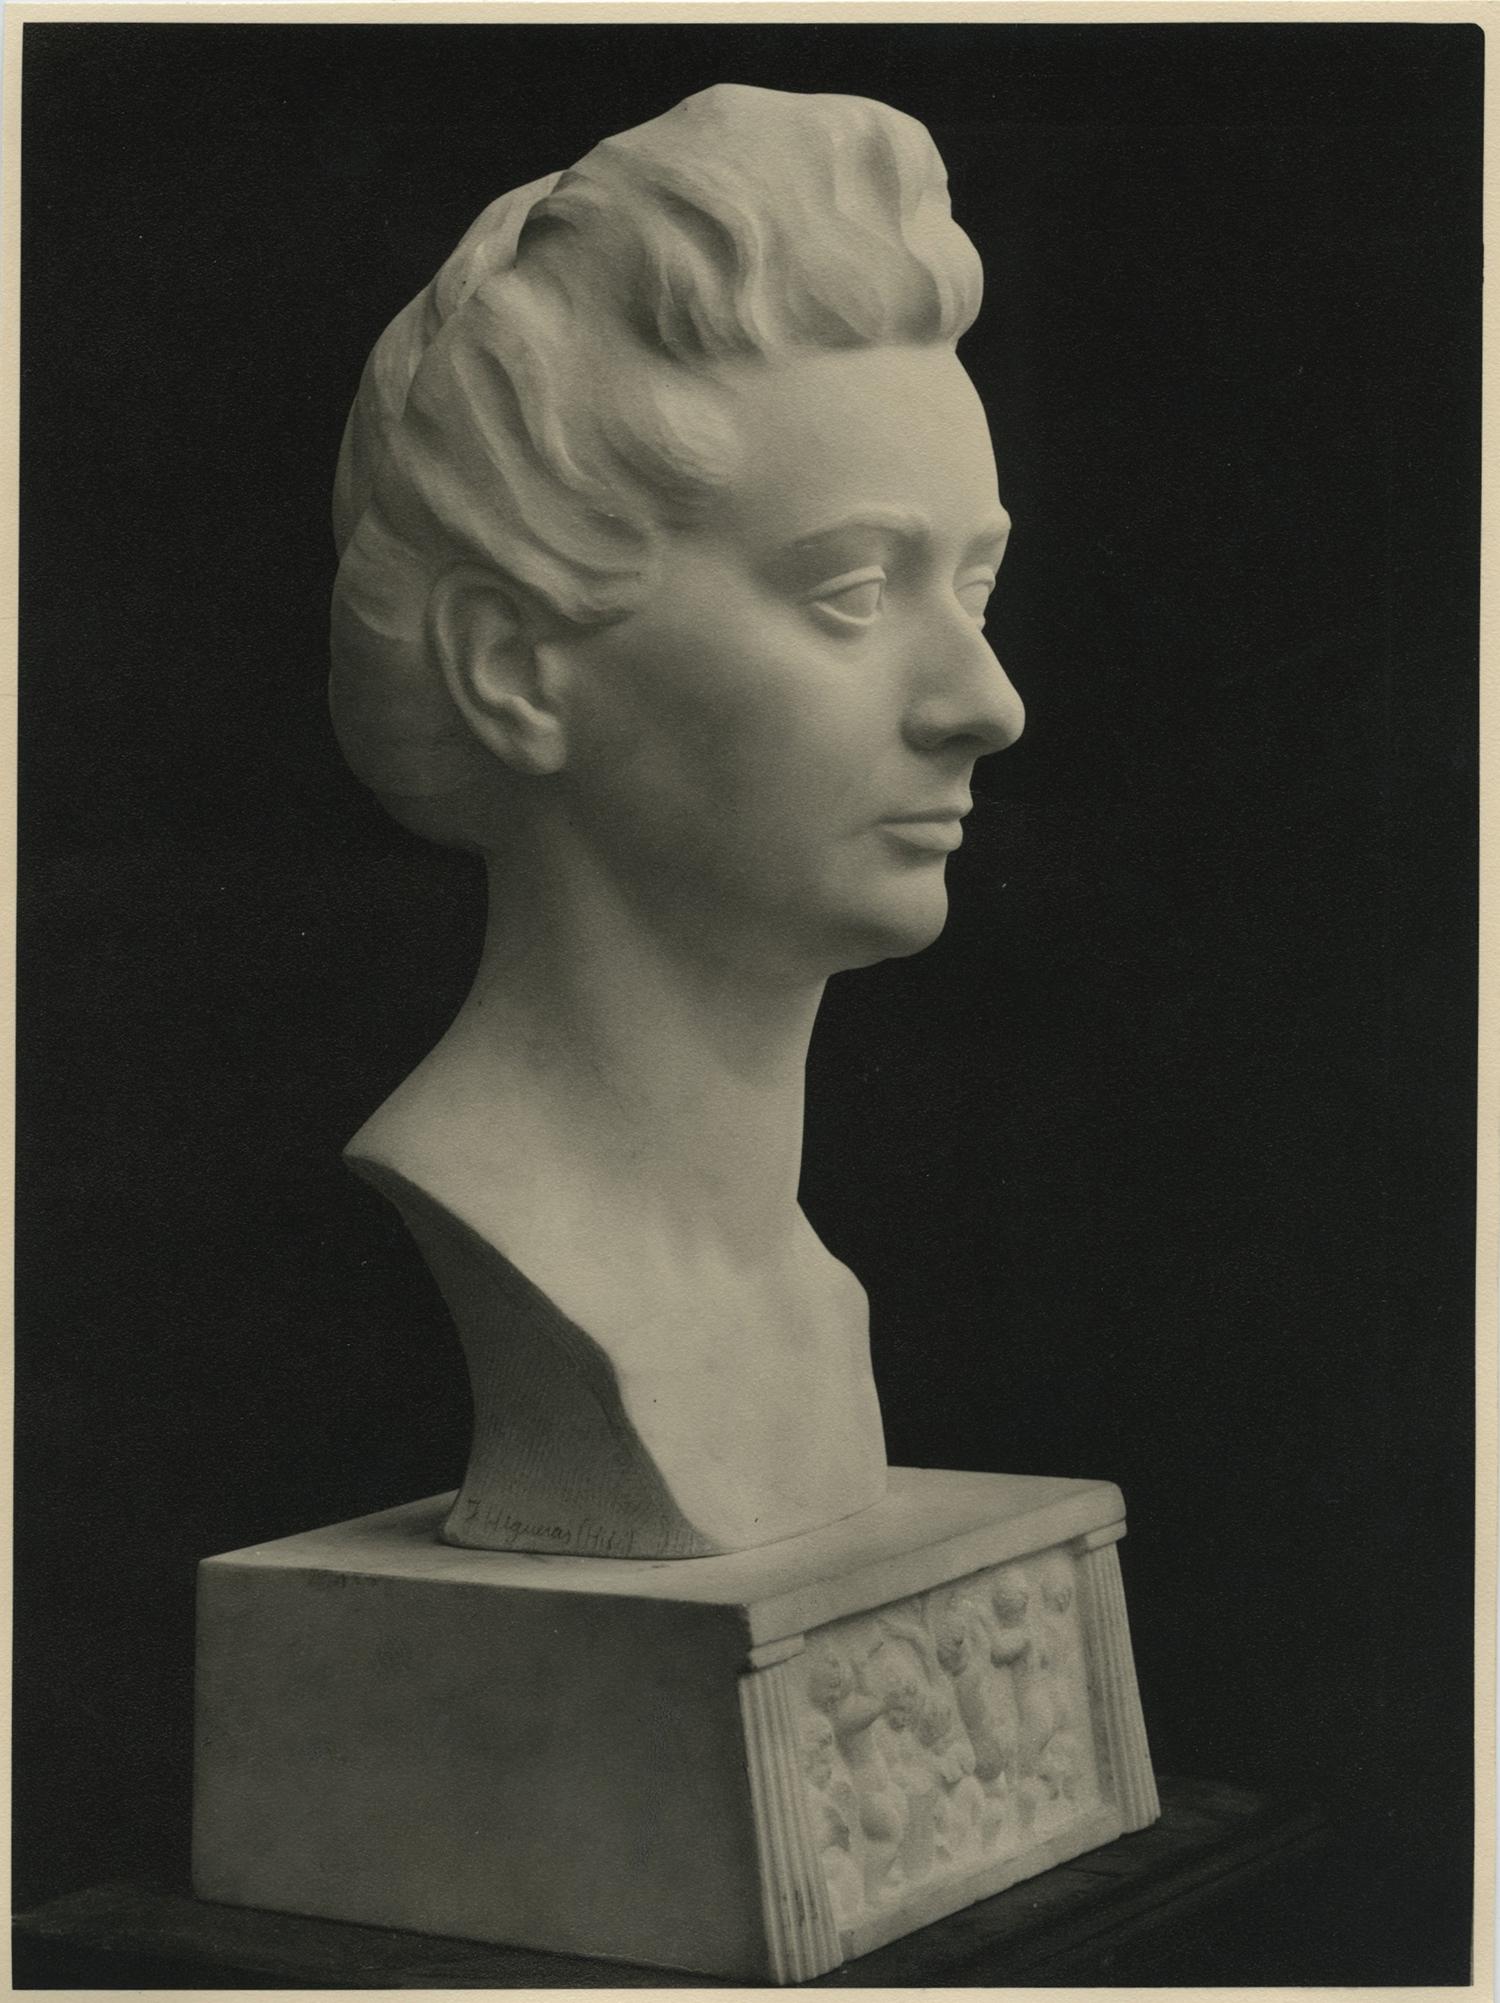 1943.4. Busto de Ana María Rodríguez Aragón, mármol blanco, 43x25x25 cm. En 1948 gana la 3ª Medalla en la Exposición Nacional de Bellas Artes.